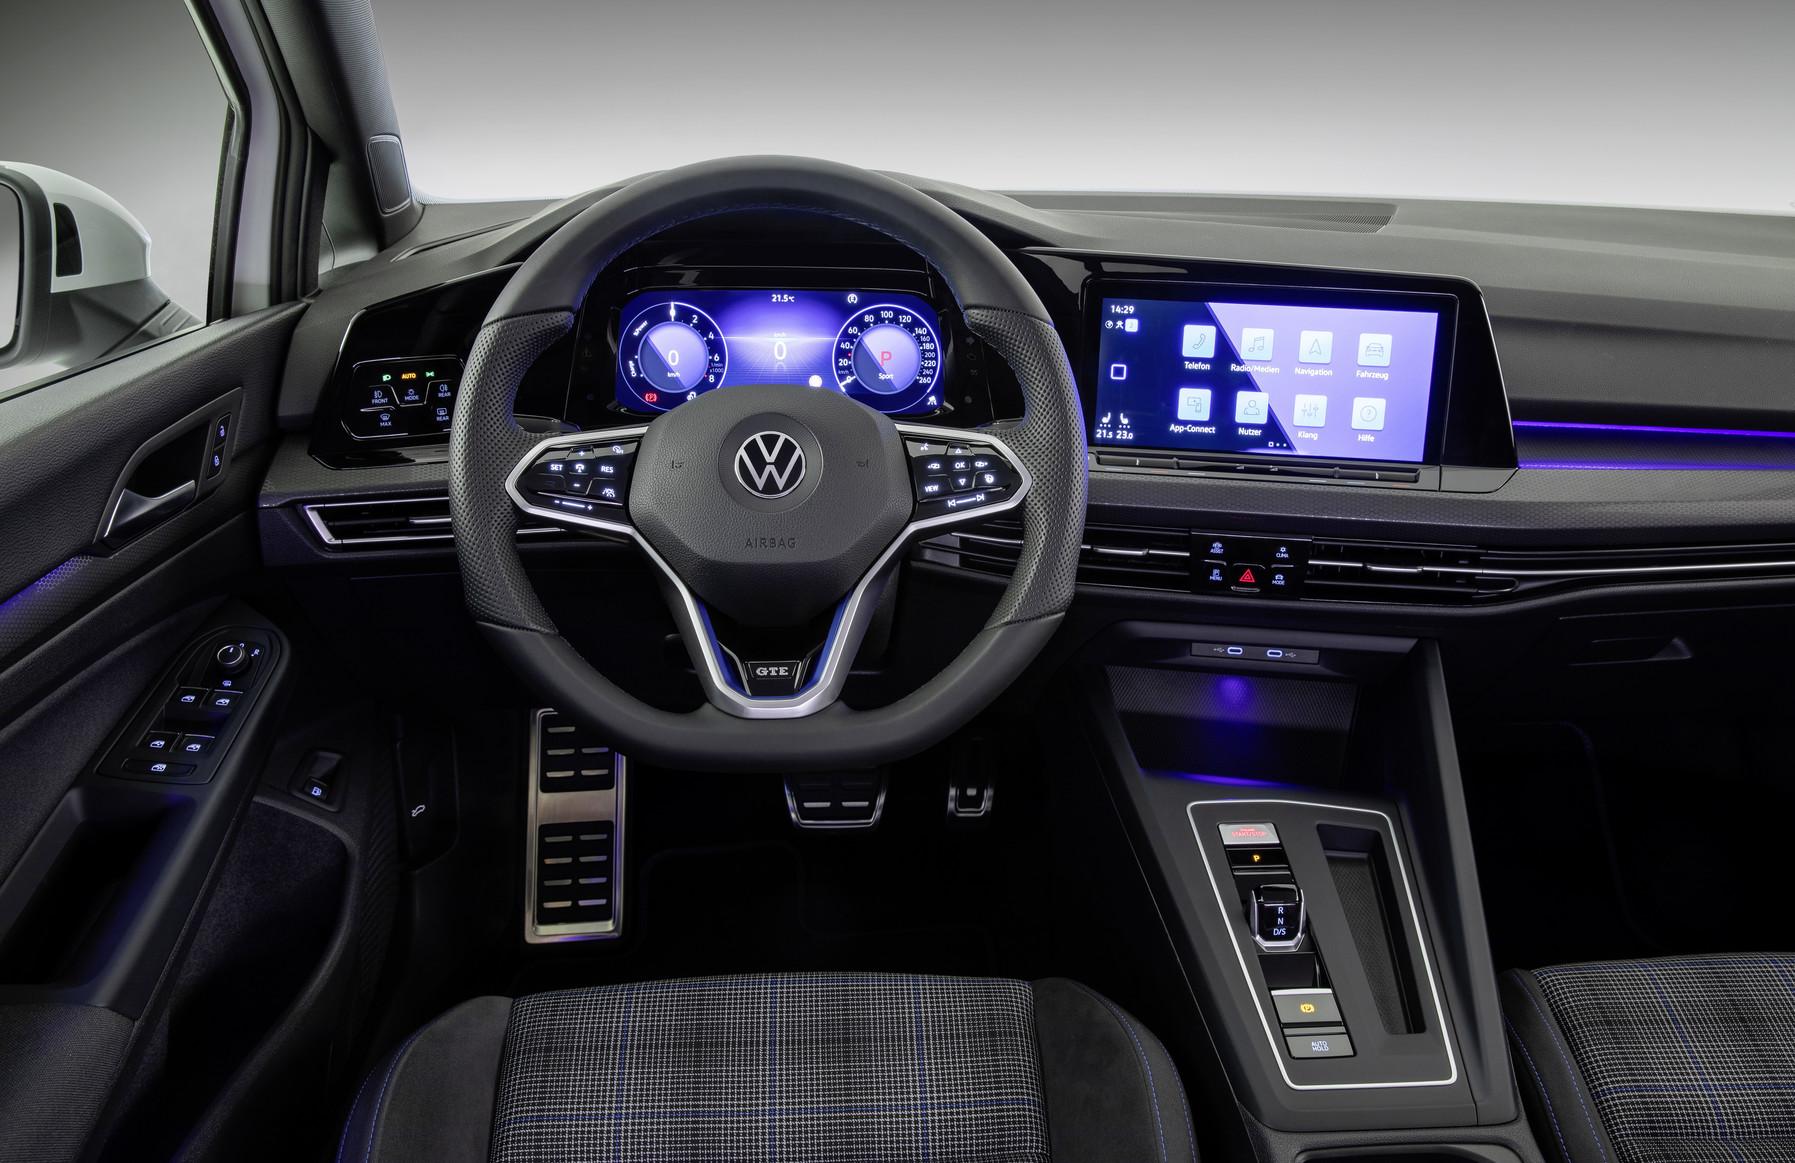 Mk8 Volkswagen Golf GTE Cockpit